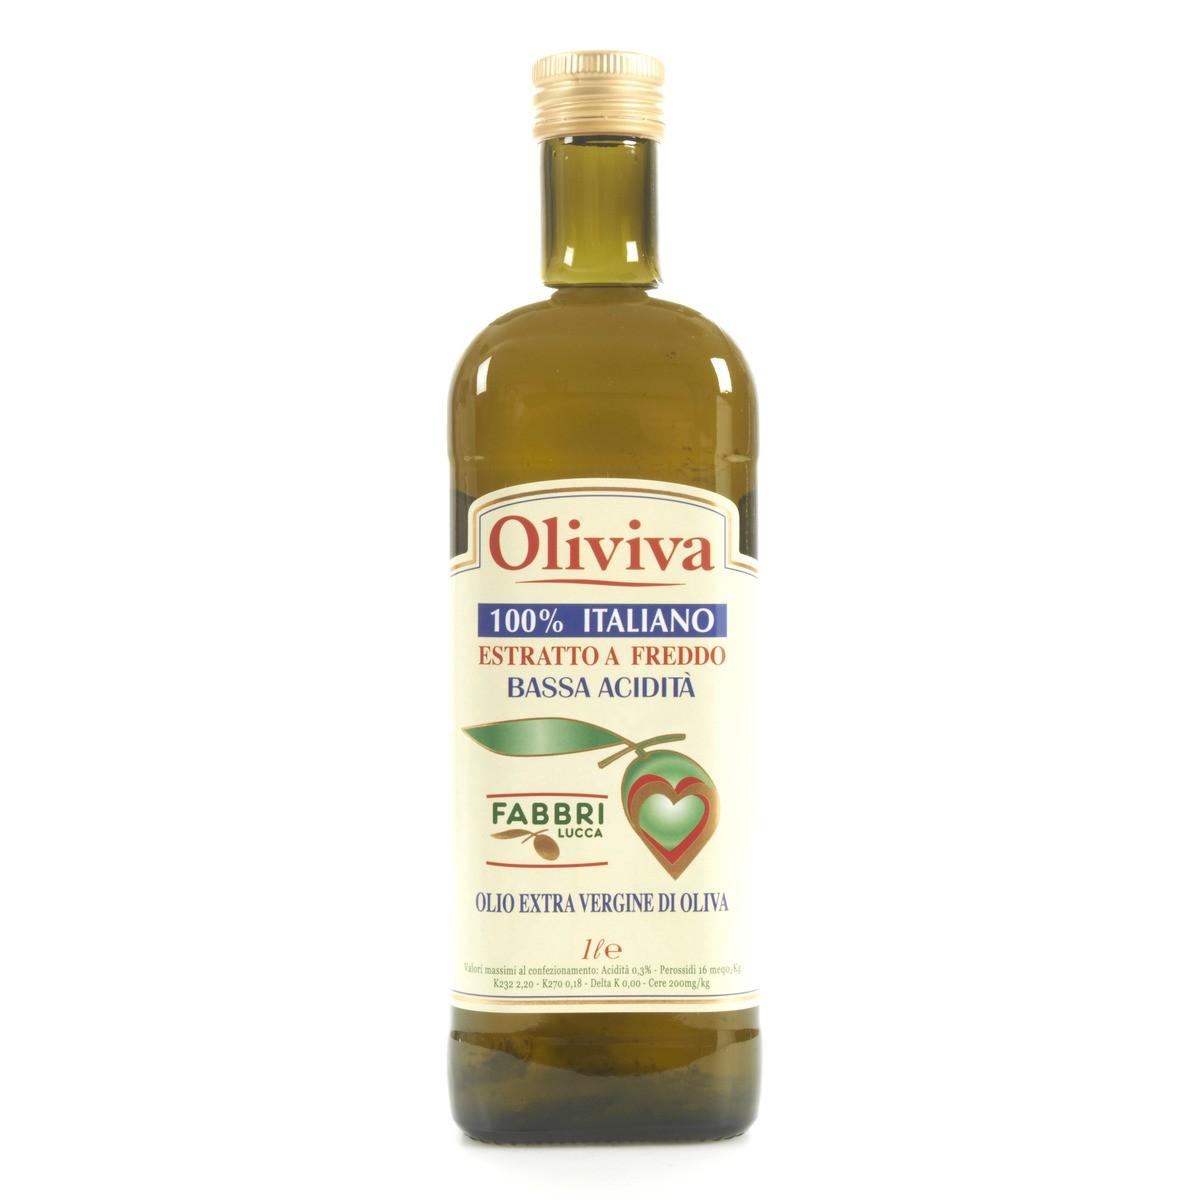 Oliviva Olio extravergine di oliva bassa acidità